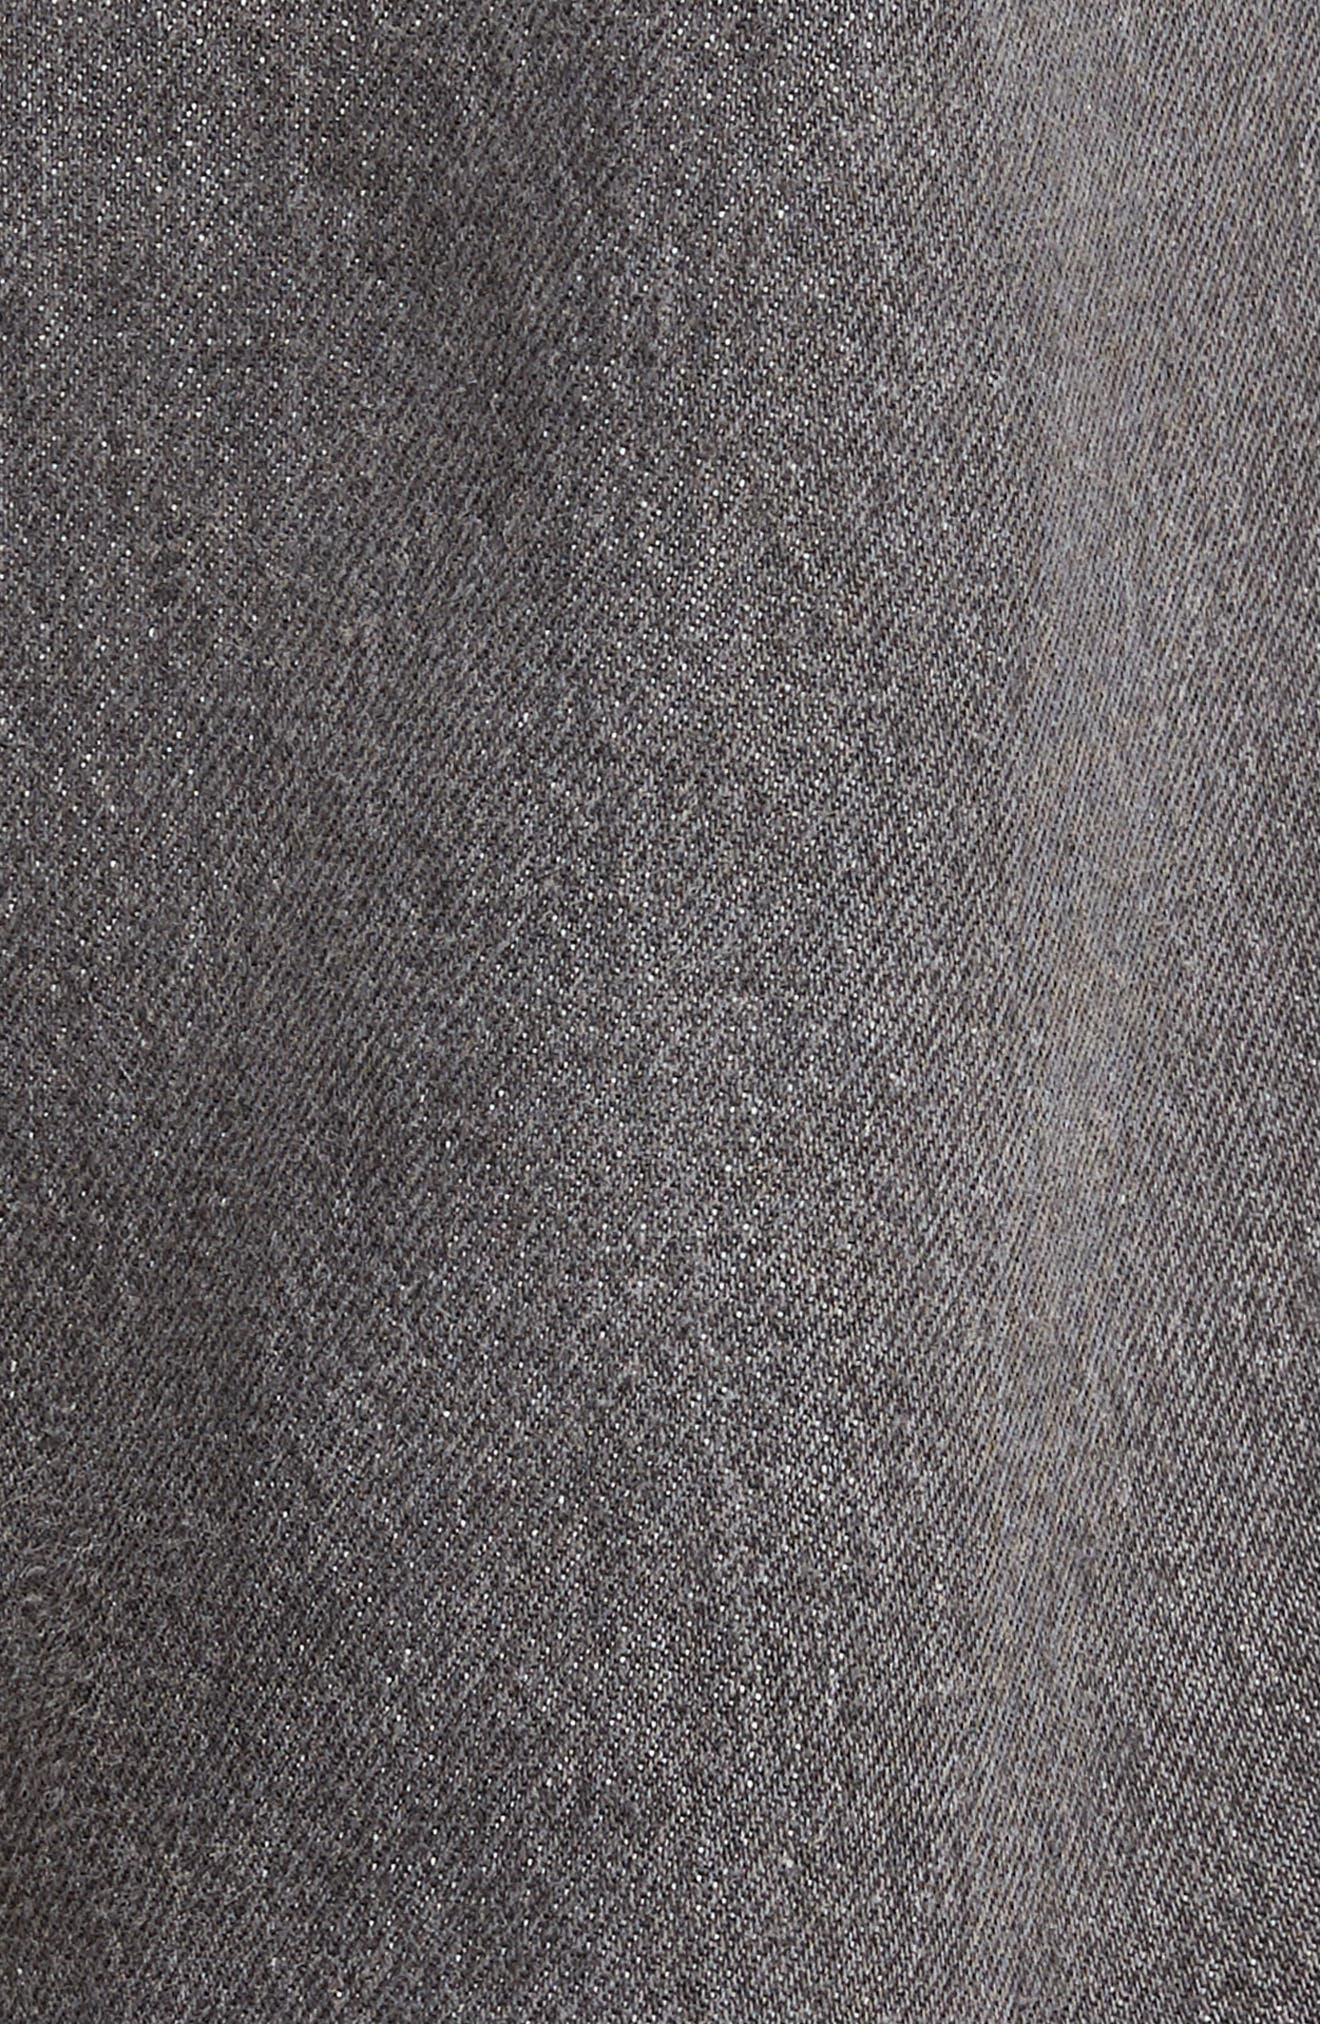 LEVI'S<SUP>®</SUP>,                             Authorized Vintage 501<sup>™</sup> Original Fit Jeans,                             Alternate thumbnail 5, color,                             AV BLACK